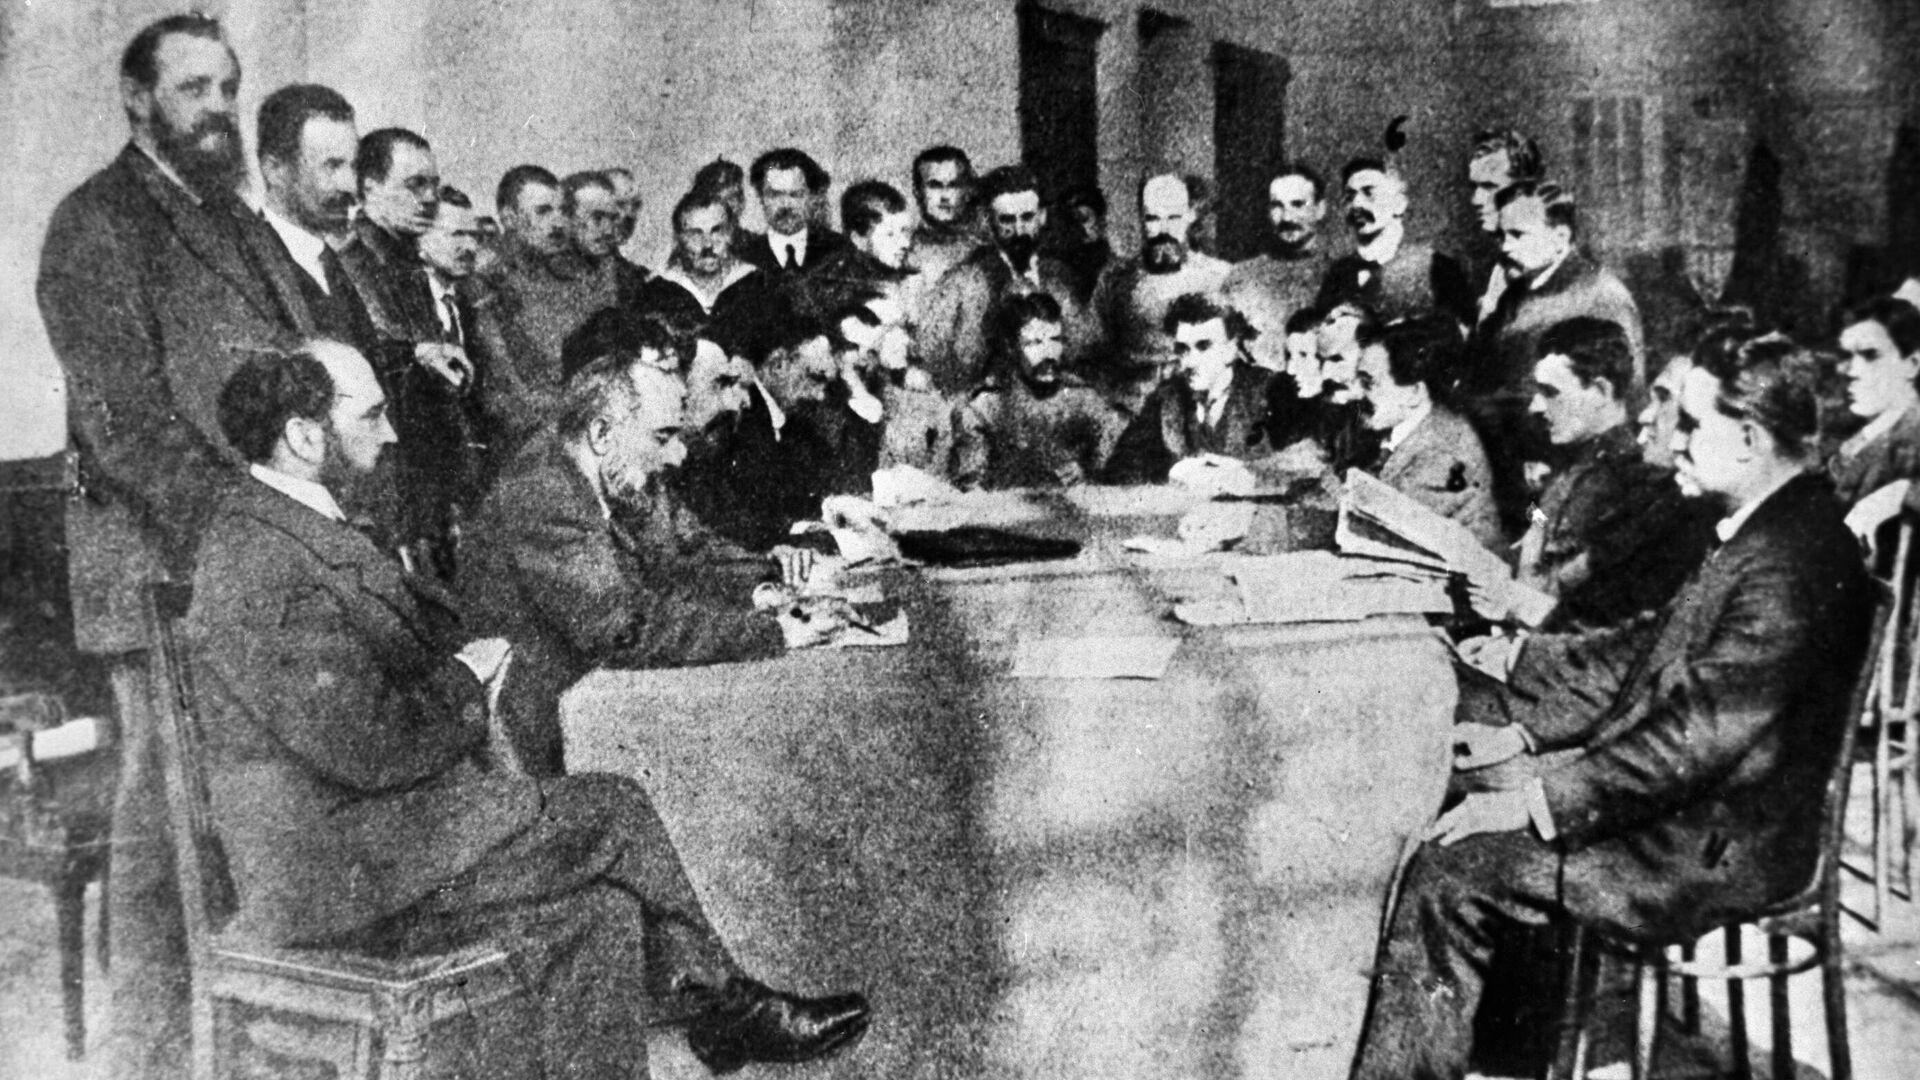 La reunión de un sóviet en 1917 - Sputnik Mundo, 1920, 06.06.2021